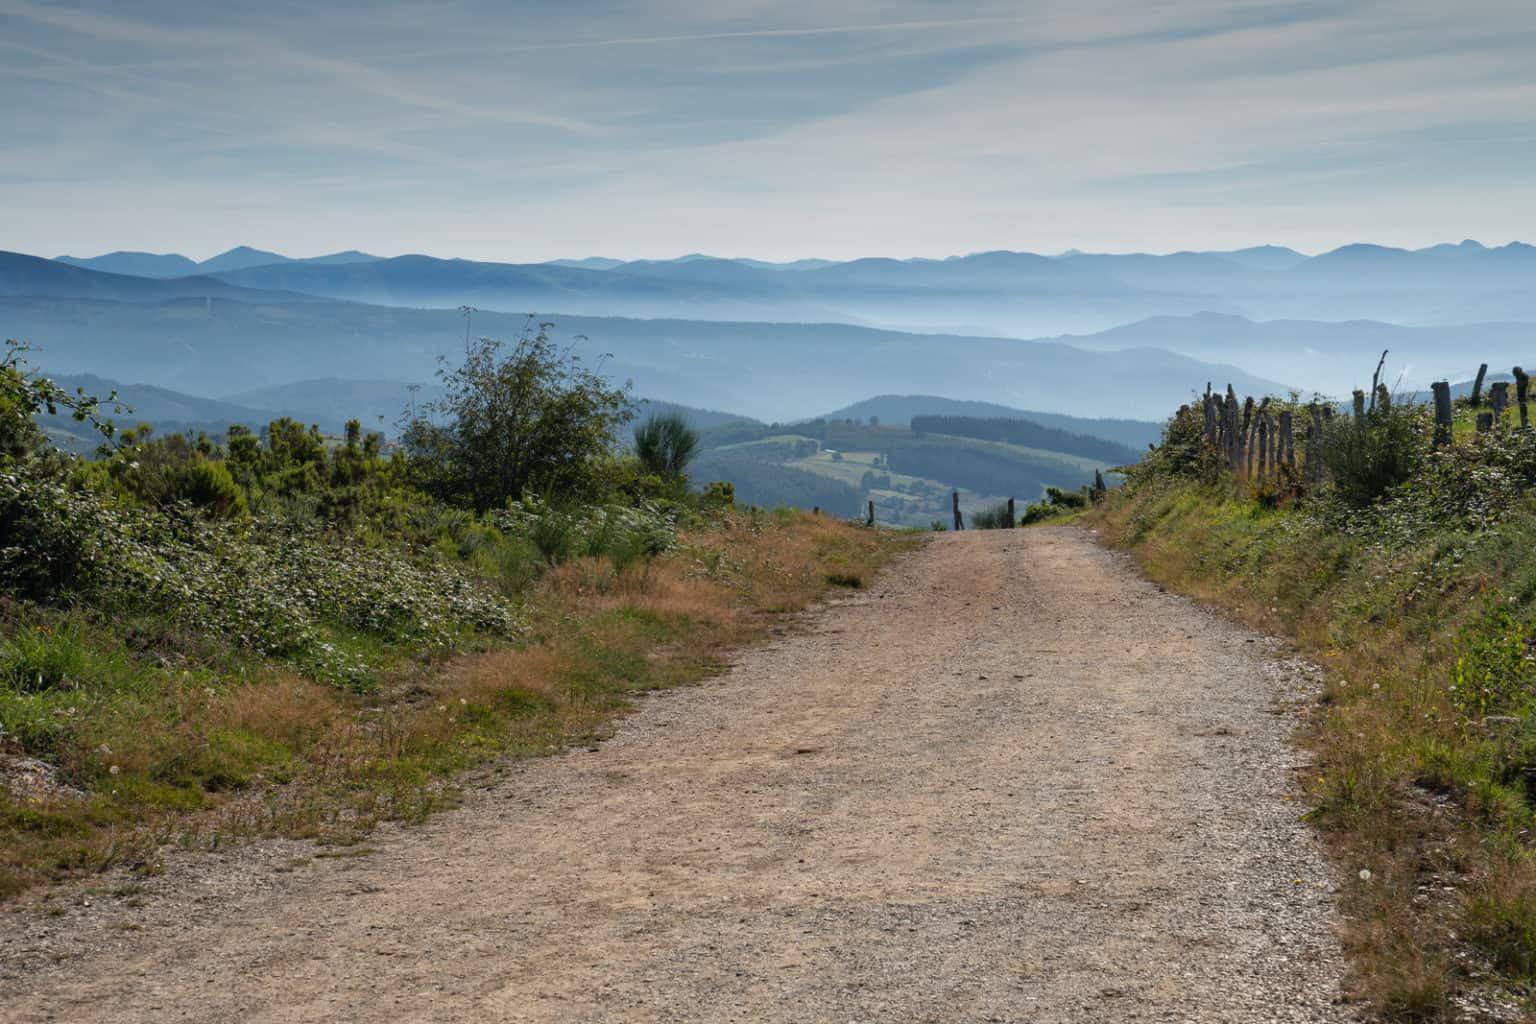 Camino trail in Galicia